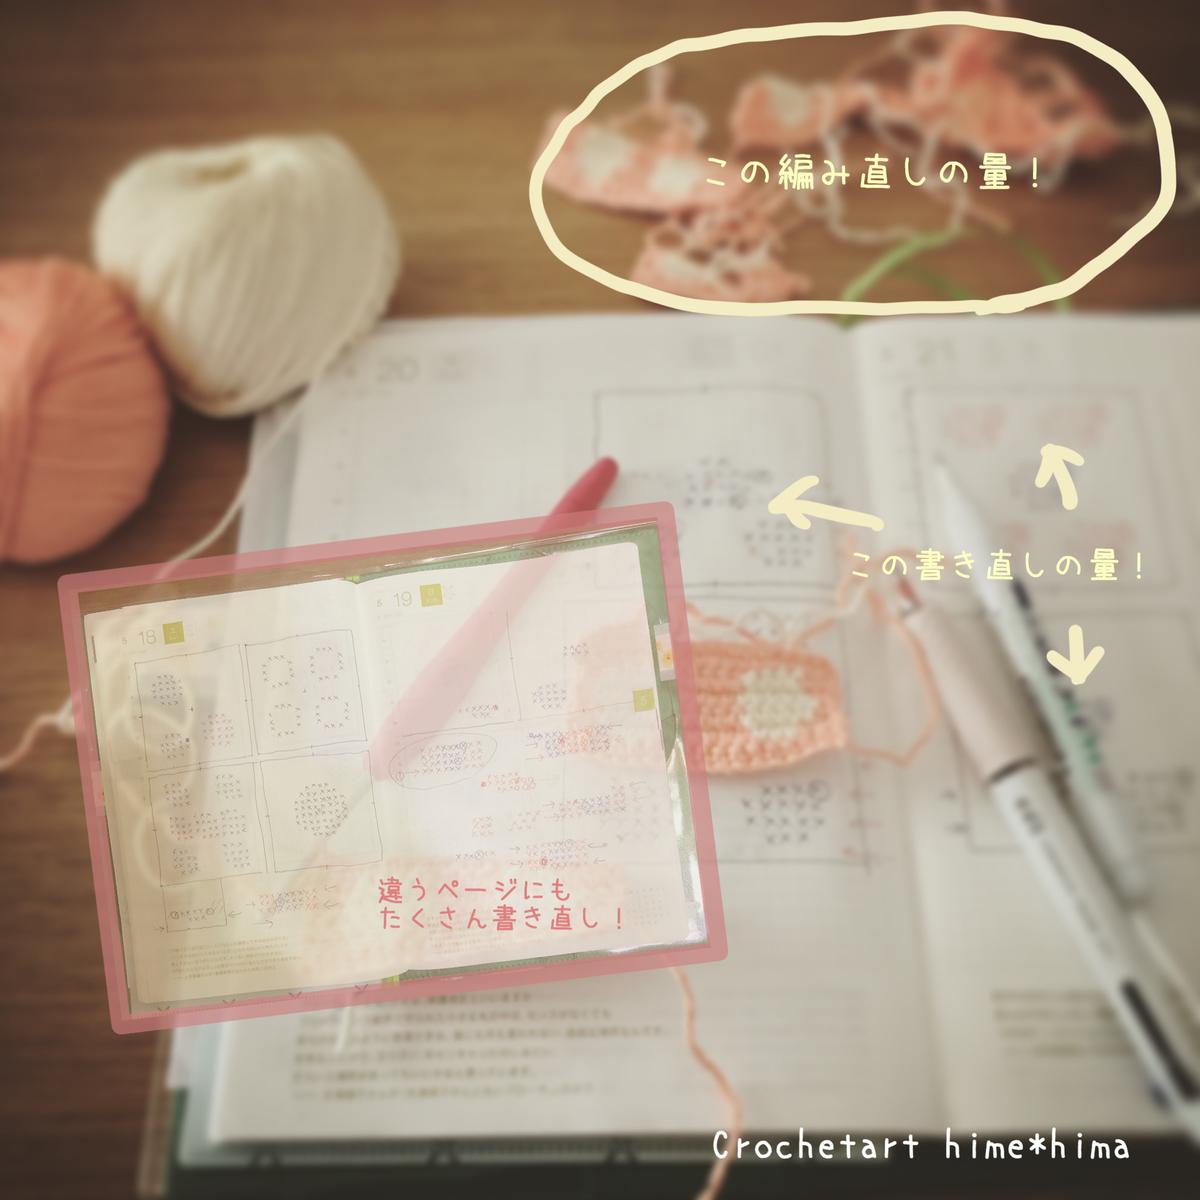 ほぼ日手帳に書くサイコロの編み図の控え